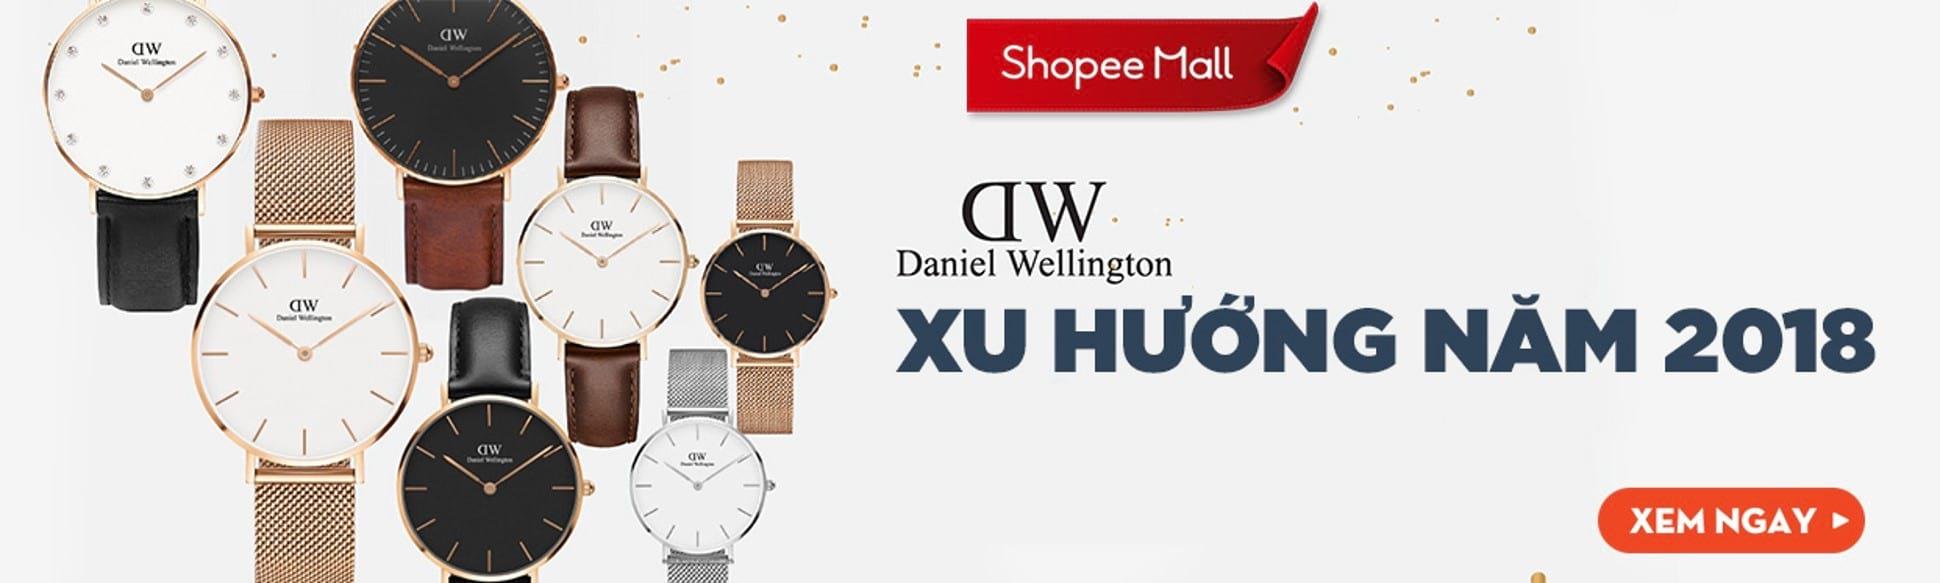 Đồng hồ chính hãng Daniel Wellington - Giá chỉ từ 1tr999 - Xu hướng 2018